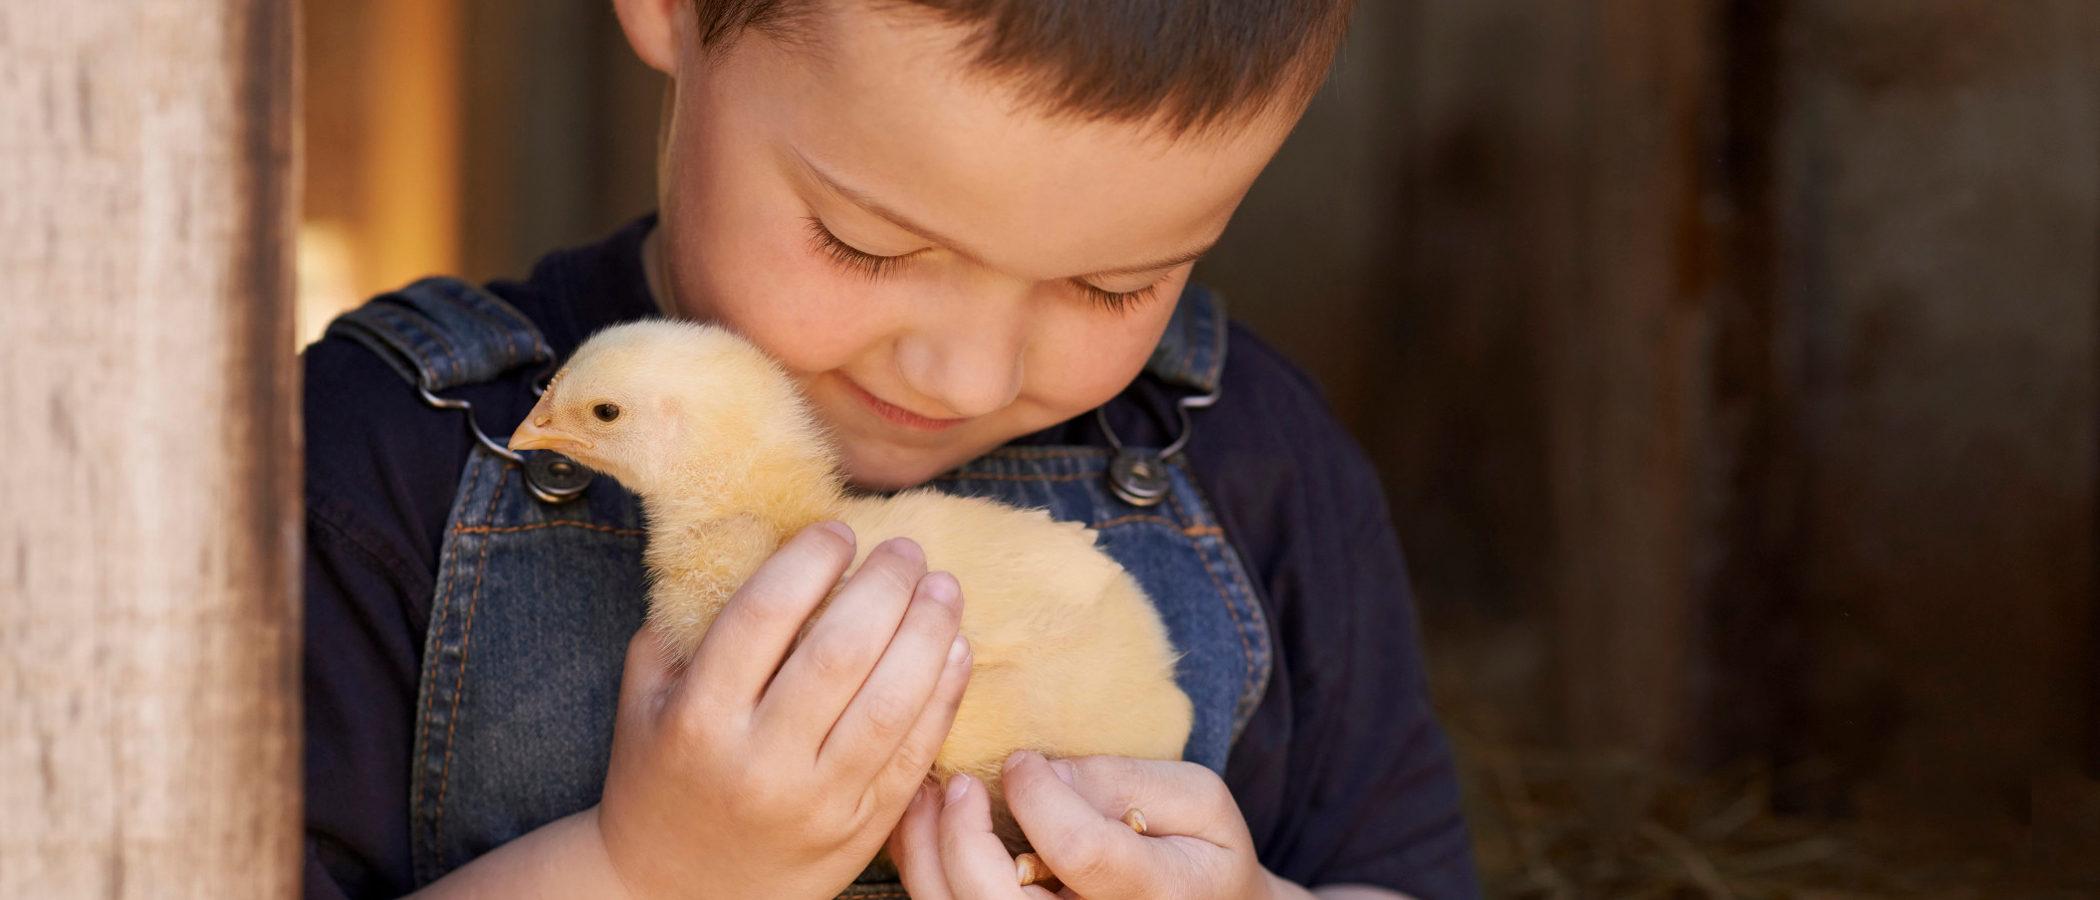 Cómo inculcar en los niños el respeto por los animales